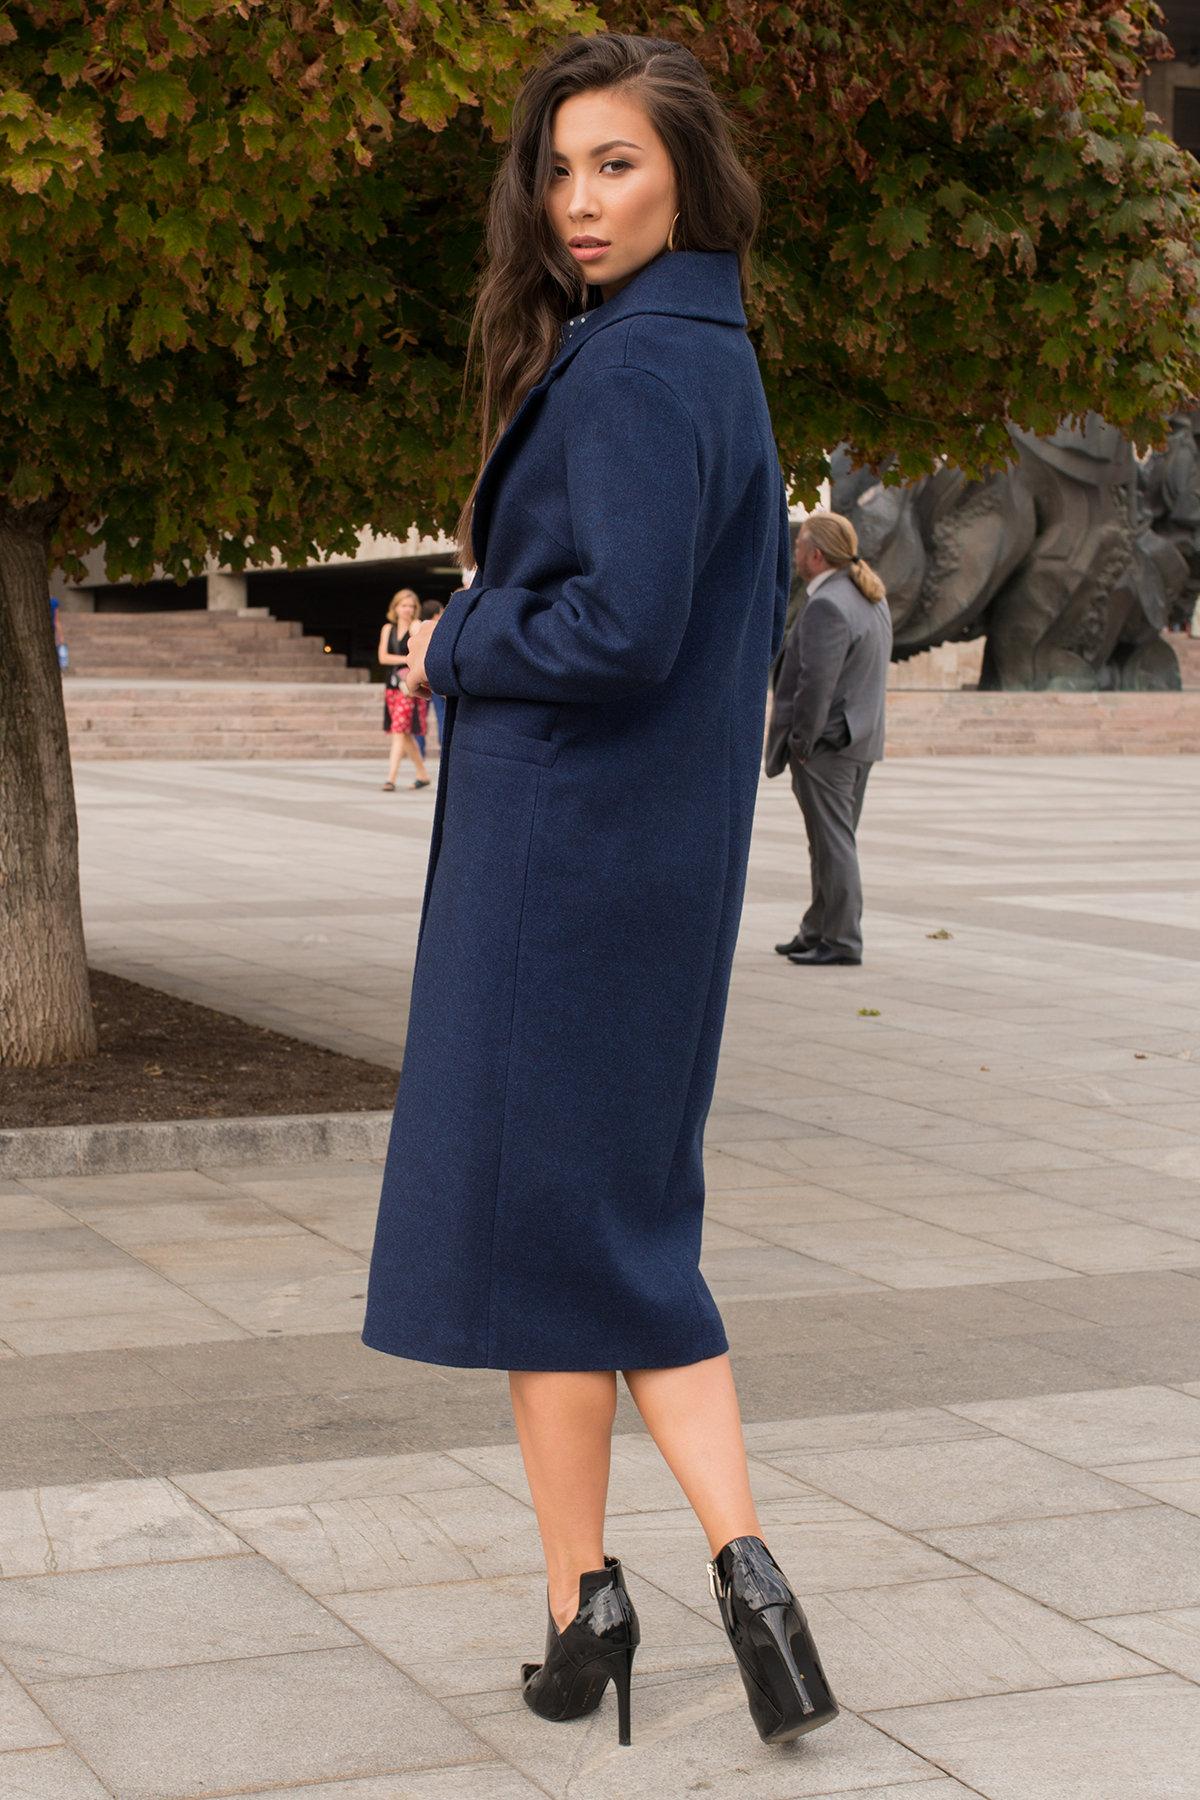 Демисезонное пальто с прорезными карманами Вива 6378 АРТ. 41258 Цвет: Т.синий 17 - фото 4, интернет магазин tm-modus.ru